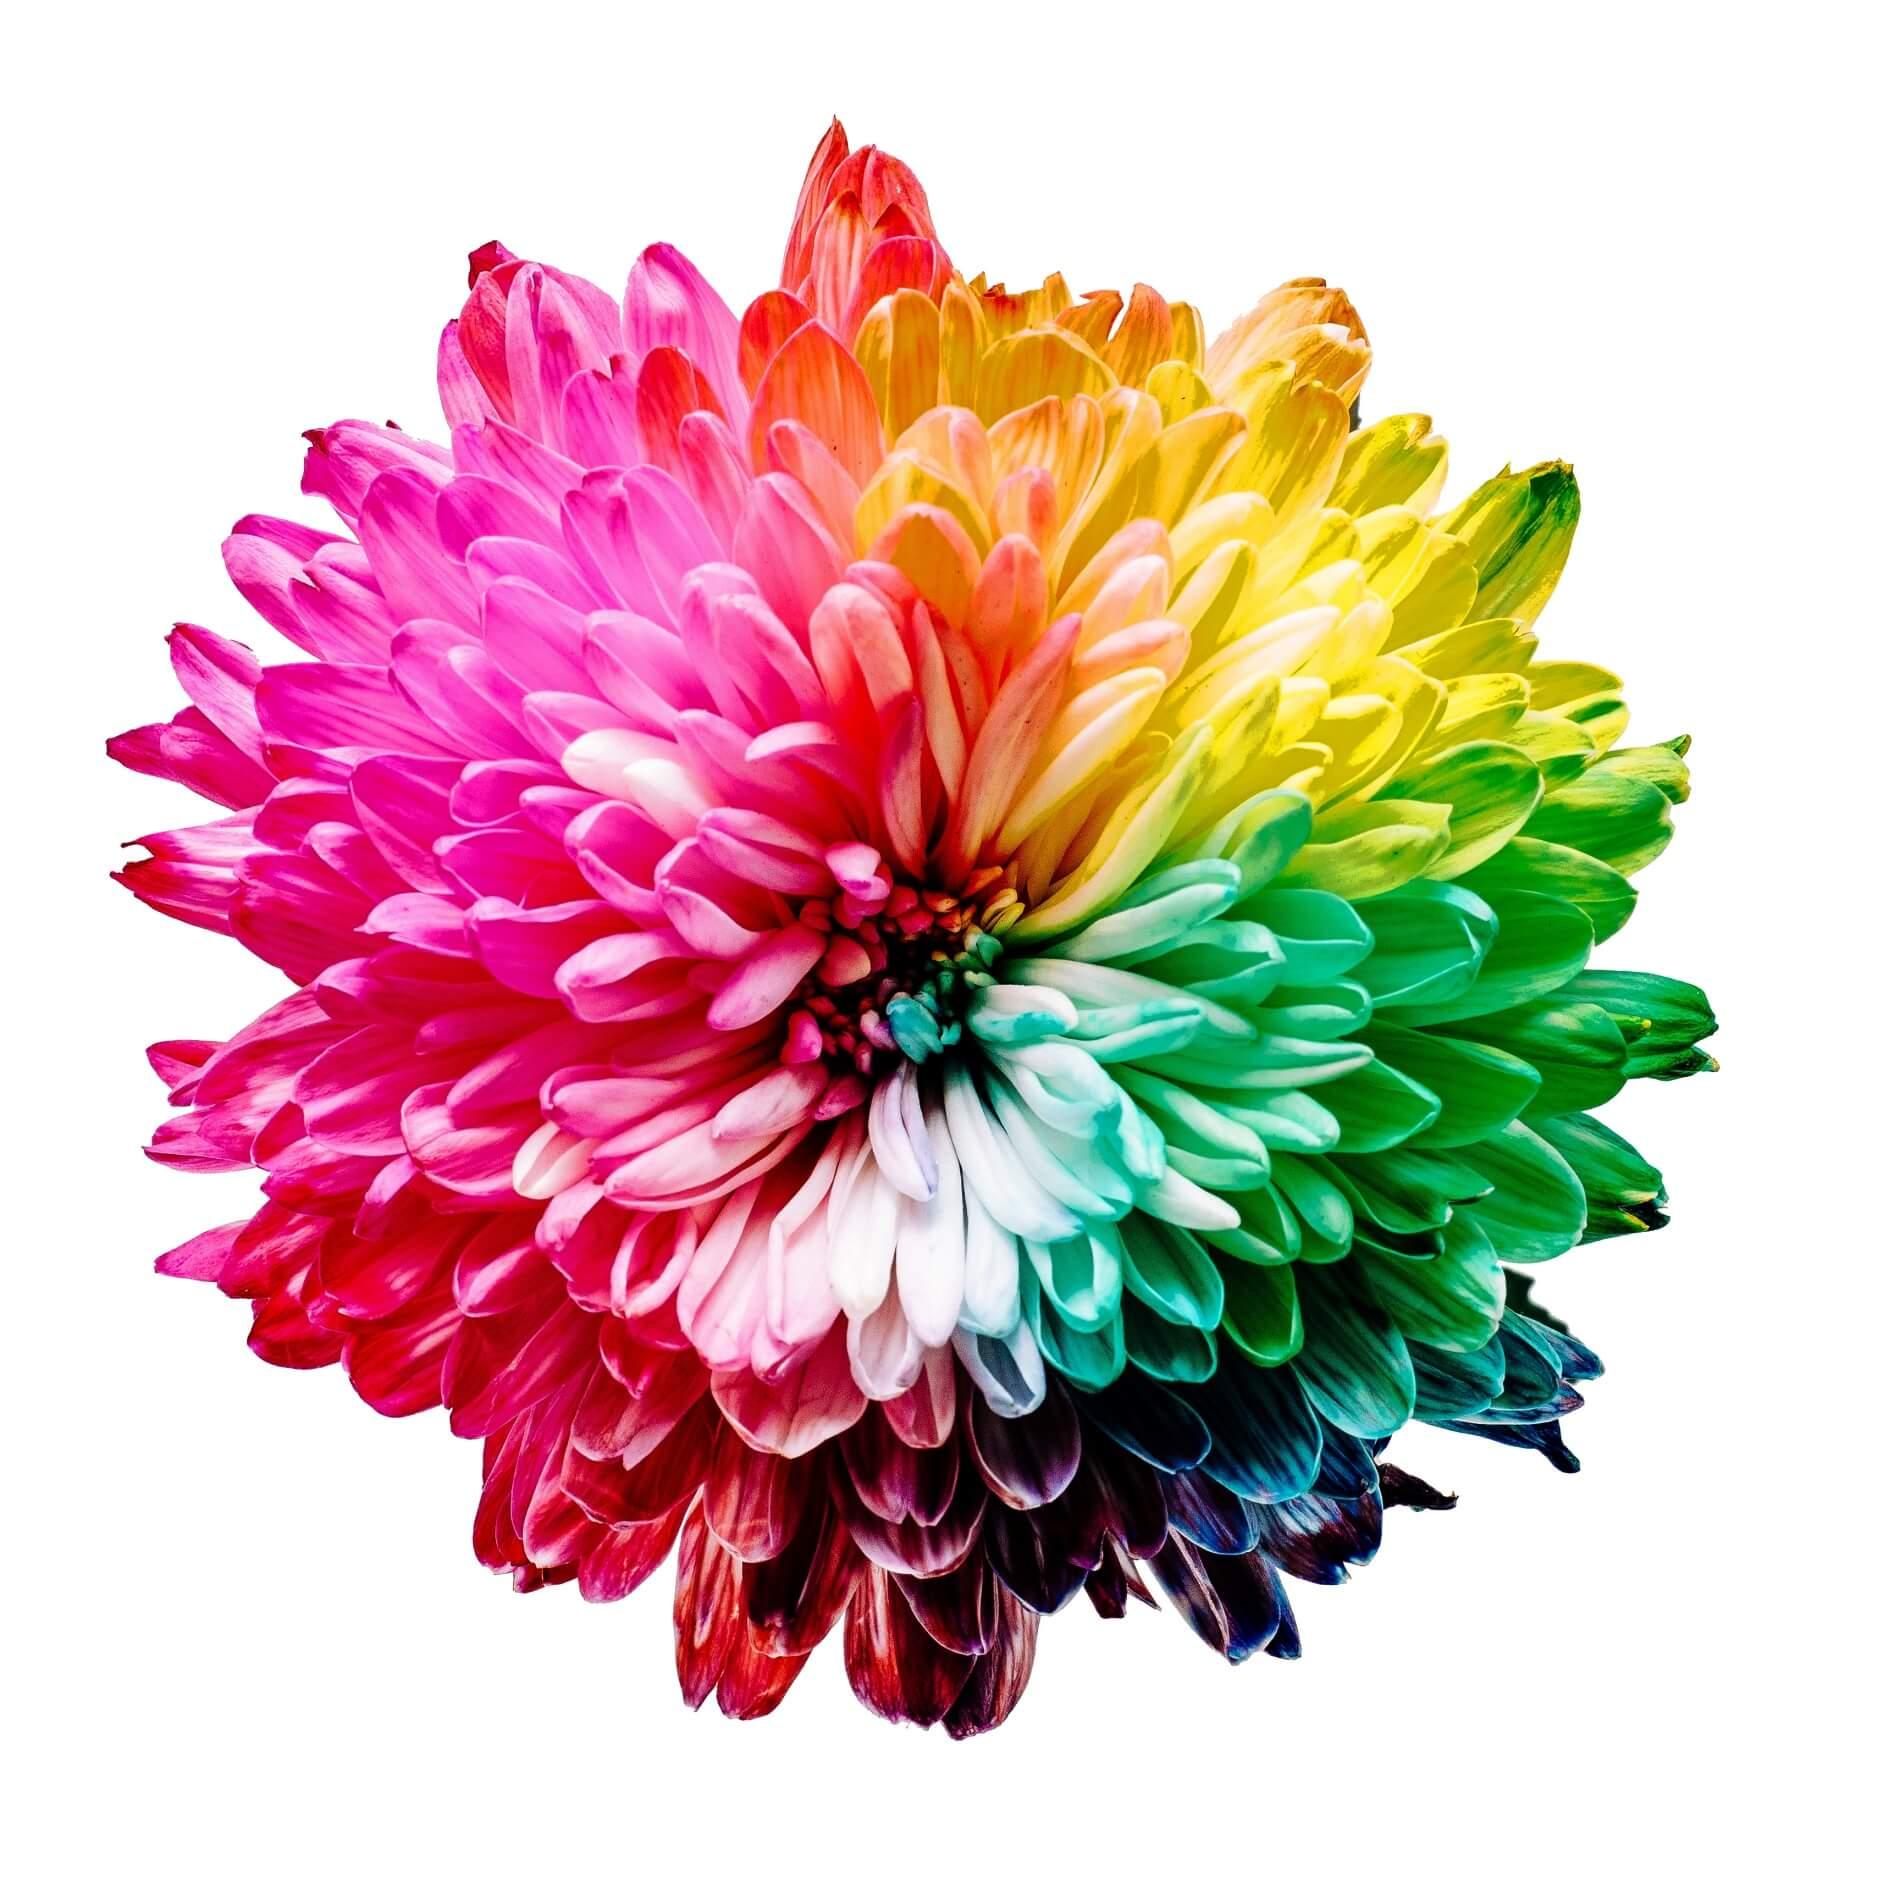 Kwiatek z wielokolorowymi płatkami na białym tle.